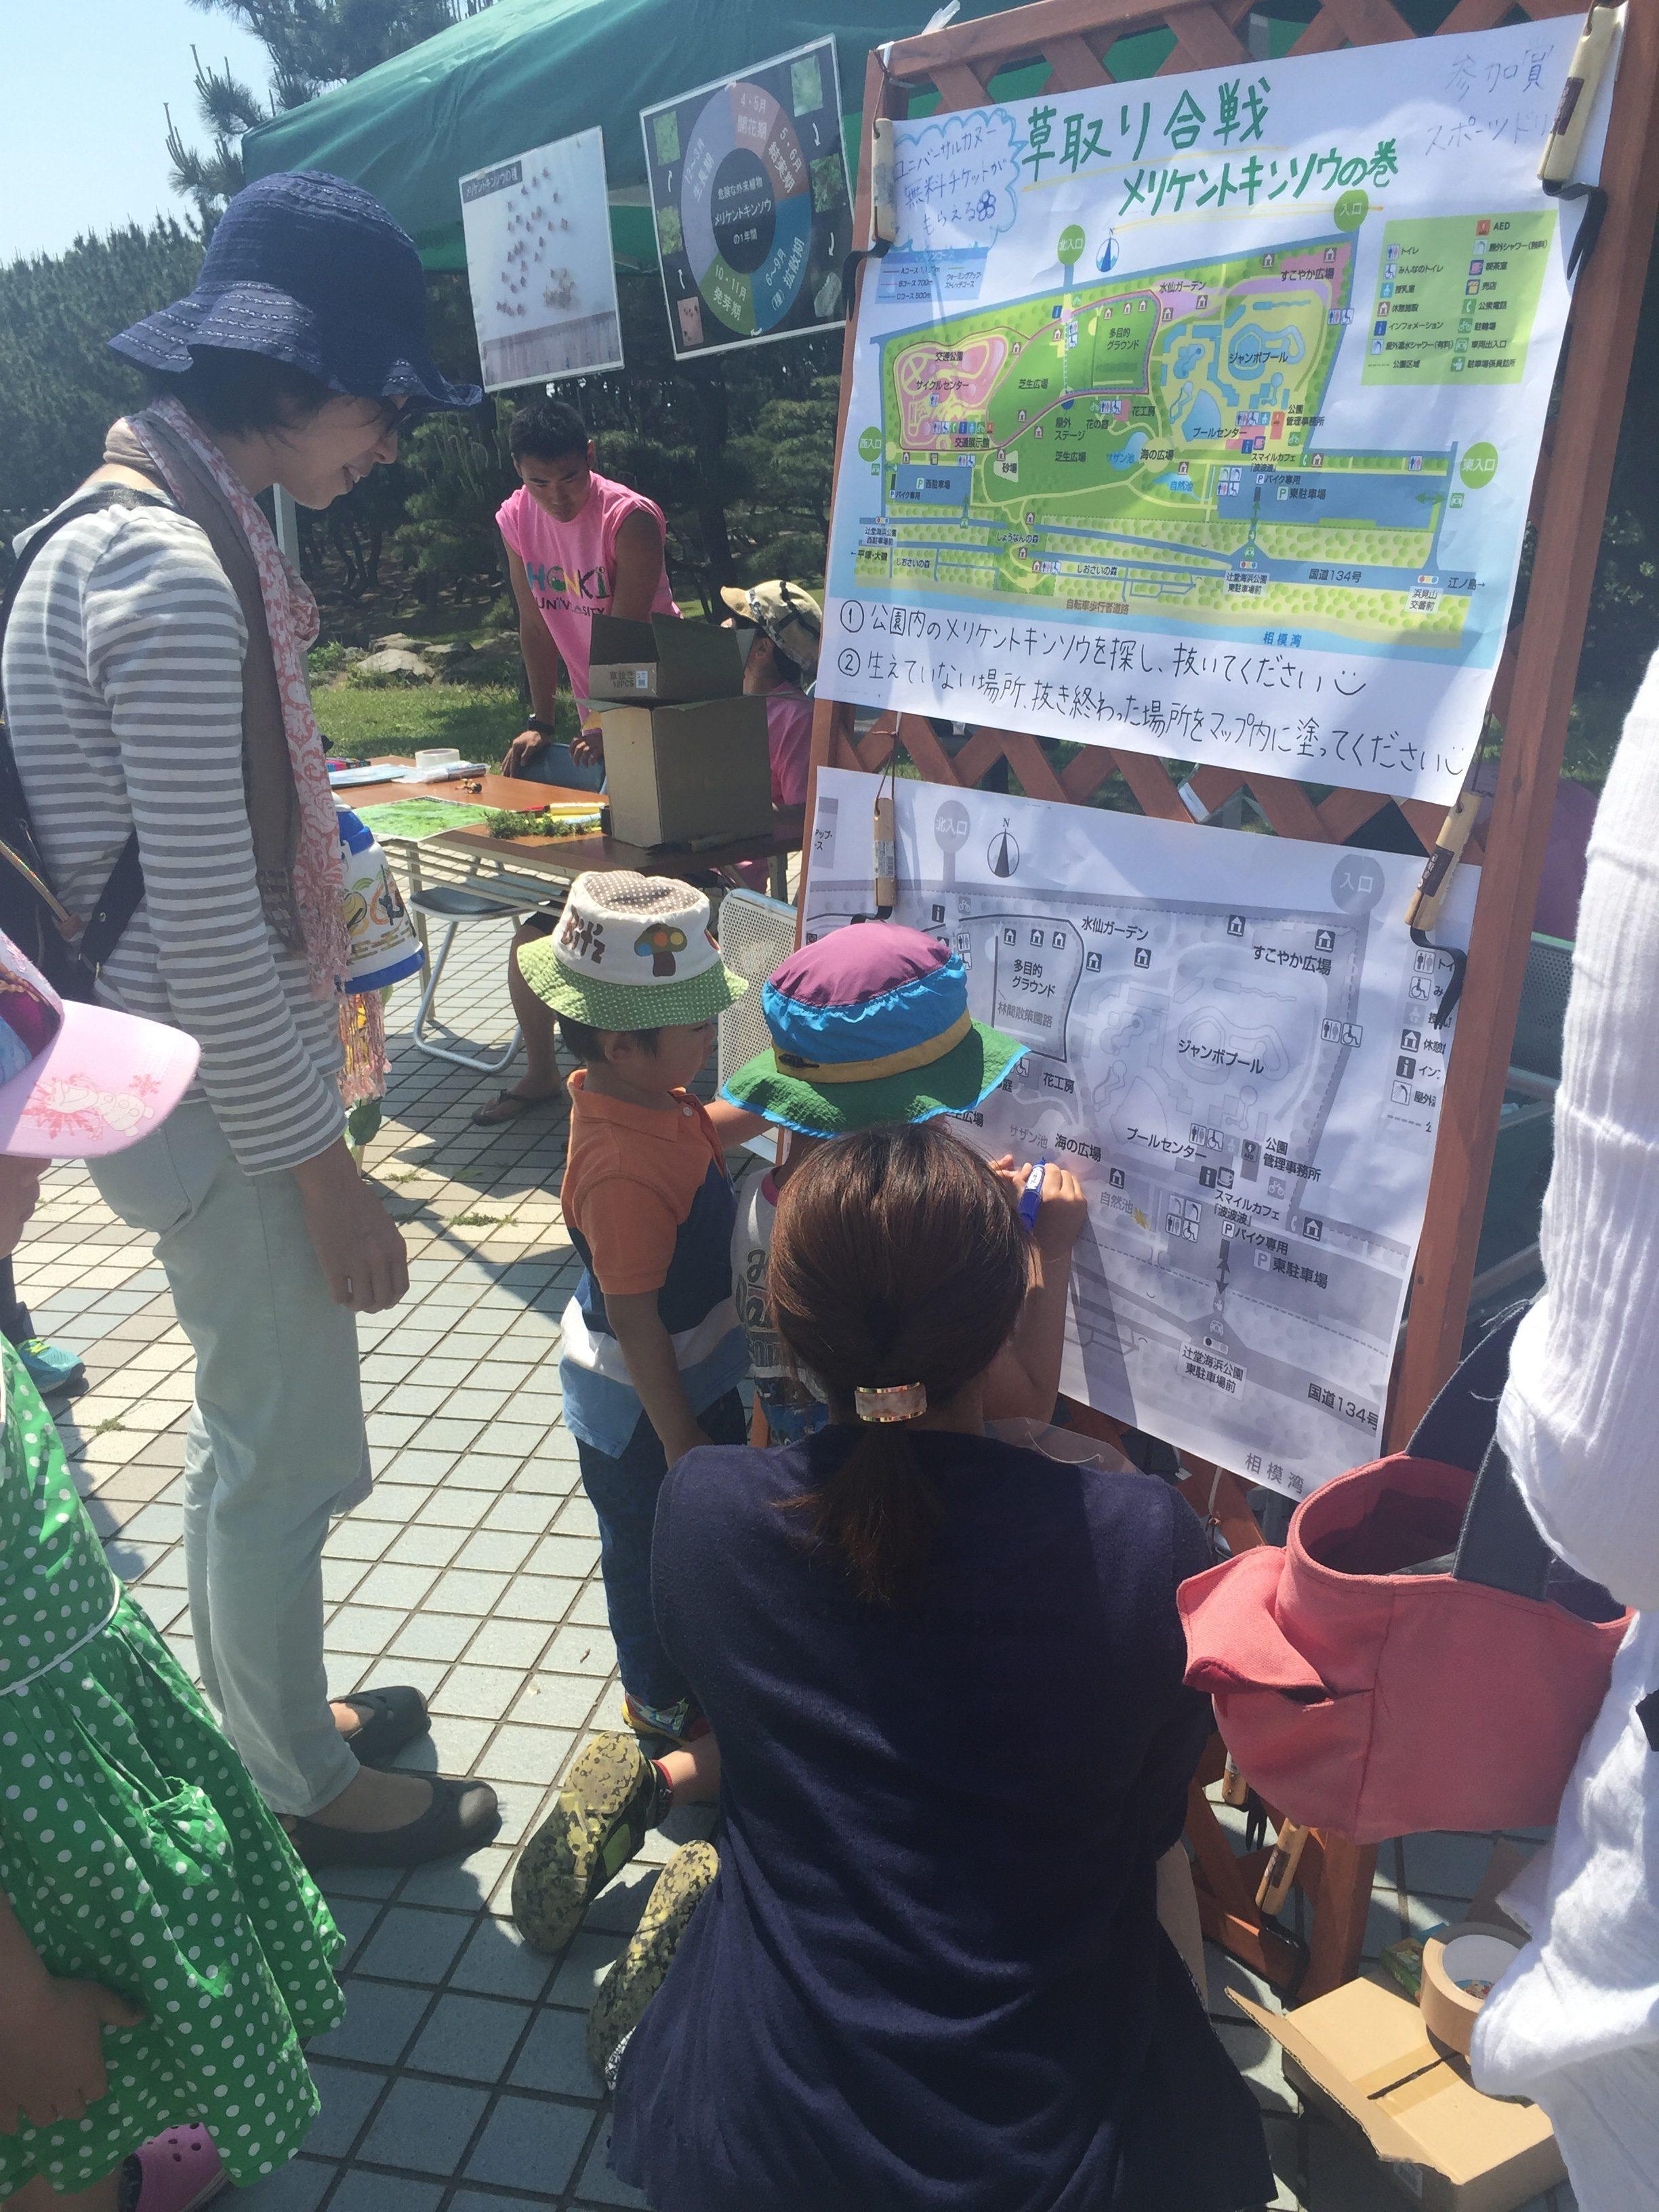 こどもも大人も夢中になる草取りイベント @辻堂海浜公園 〜危険外来種を楽しく根絶〜